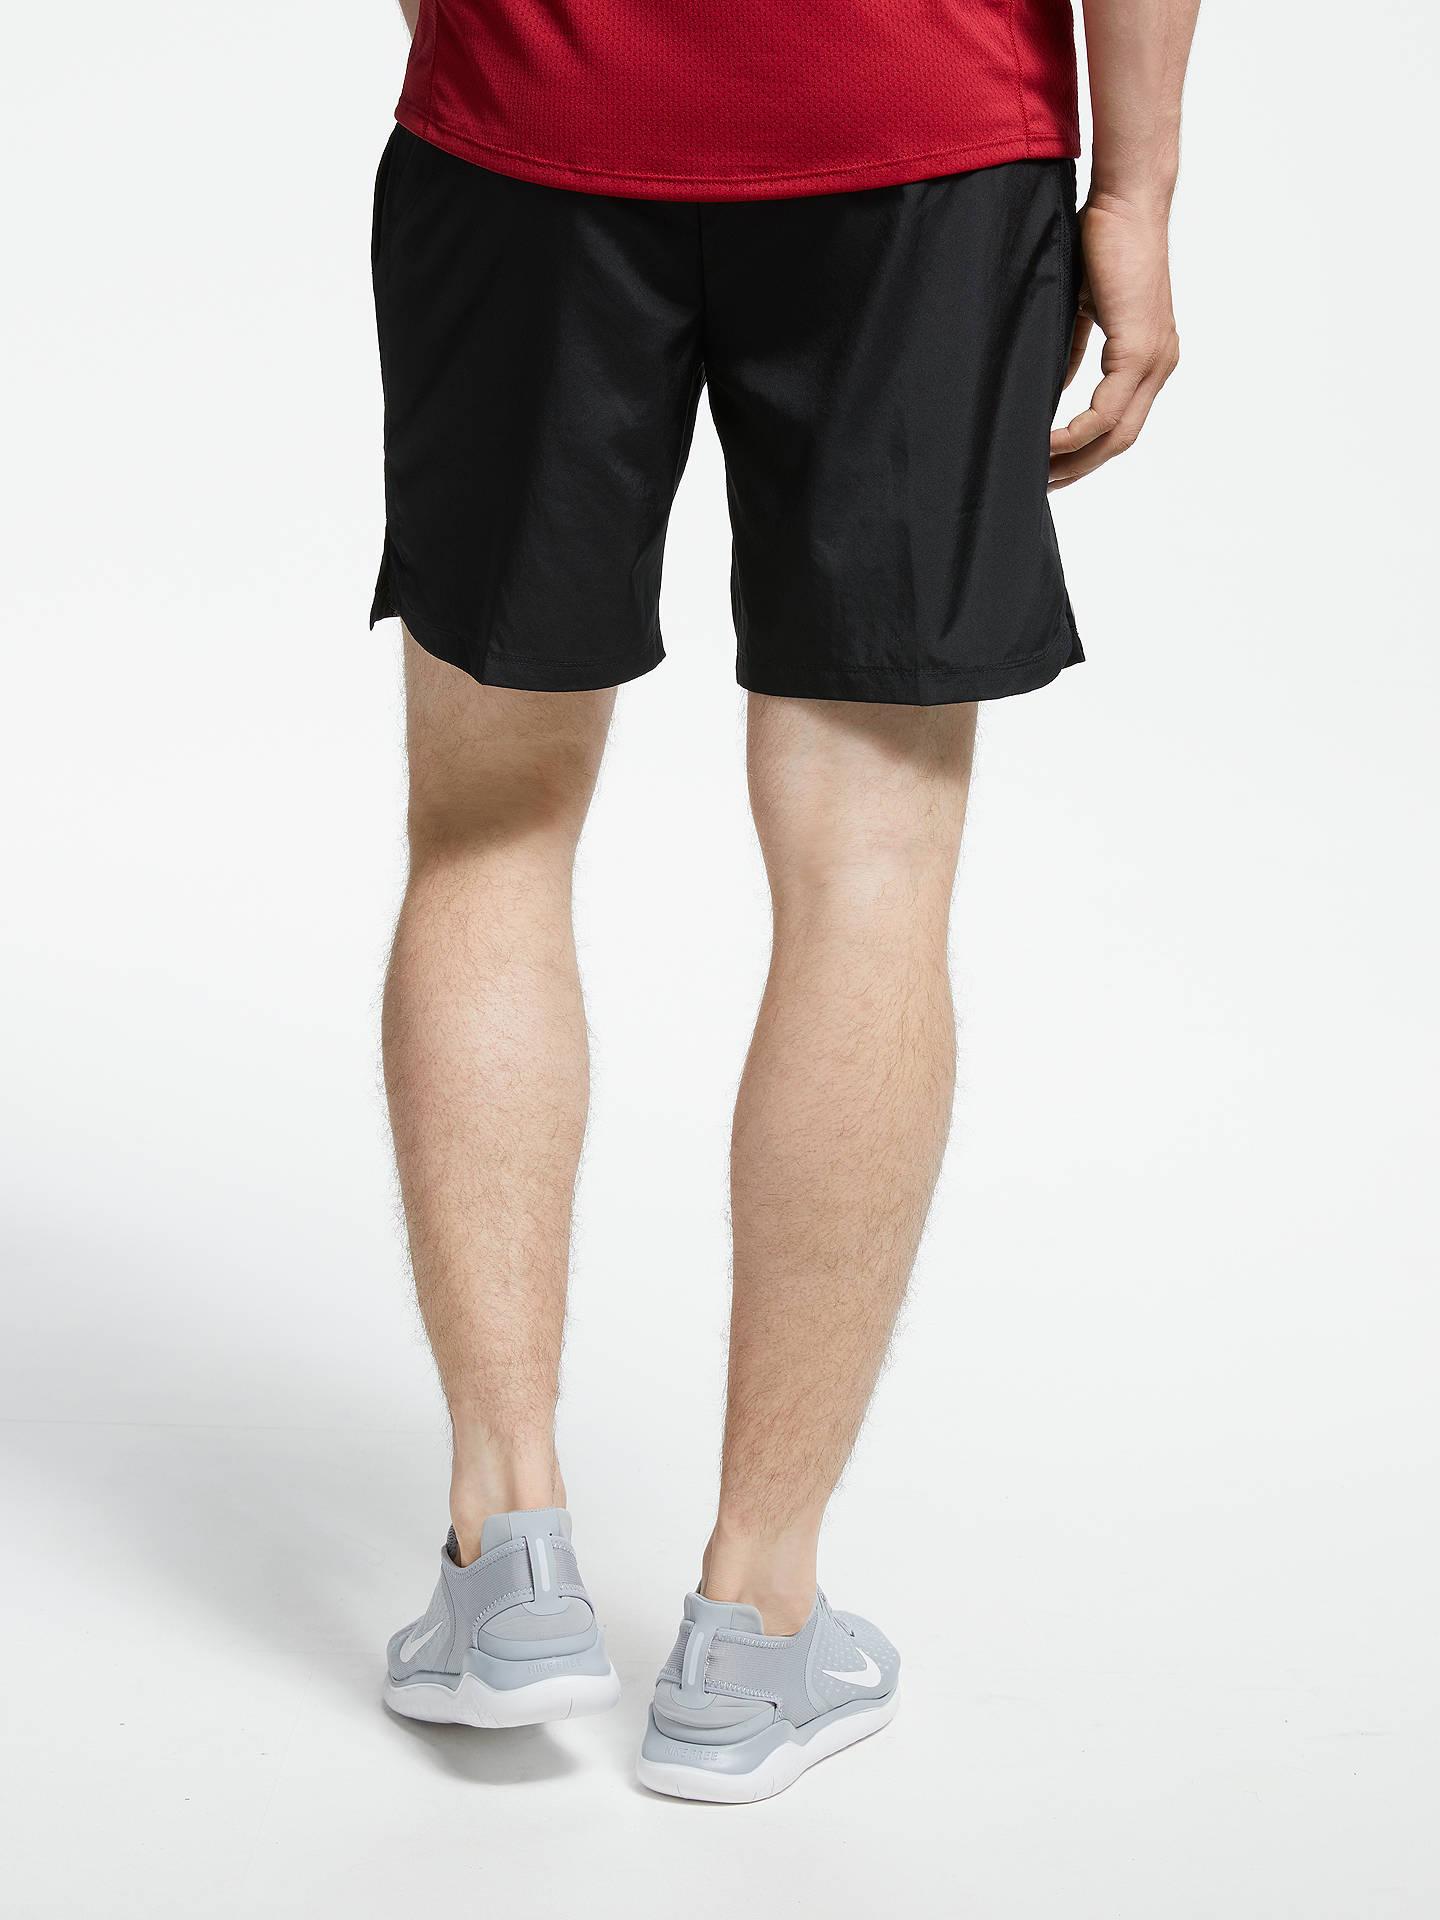 61e64b05716 Nike Flex Stride 5